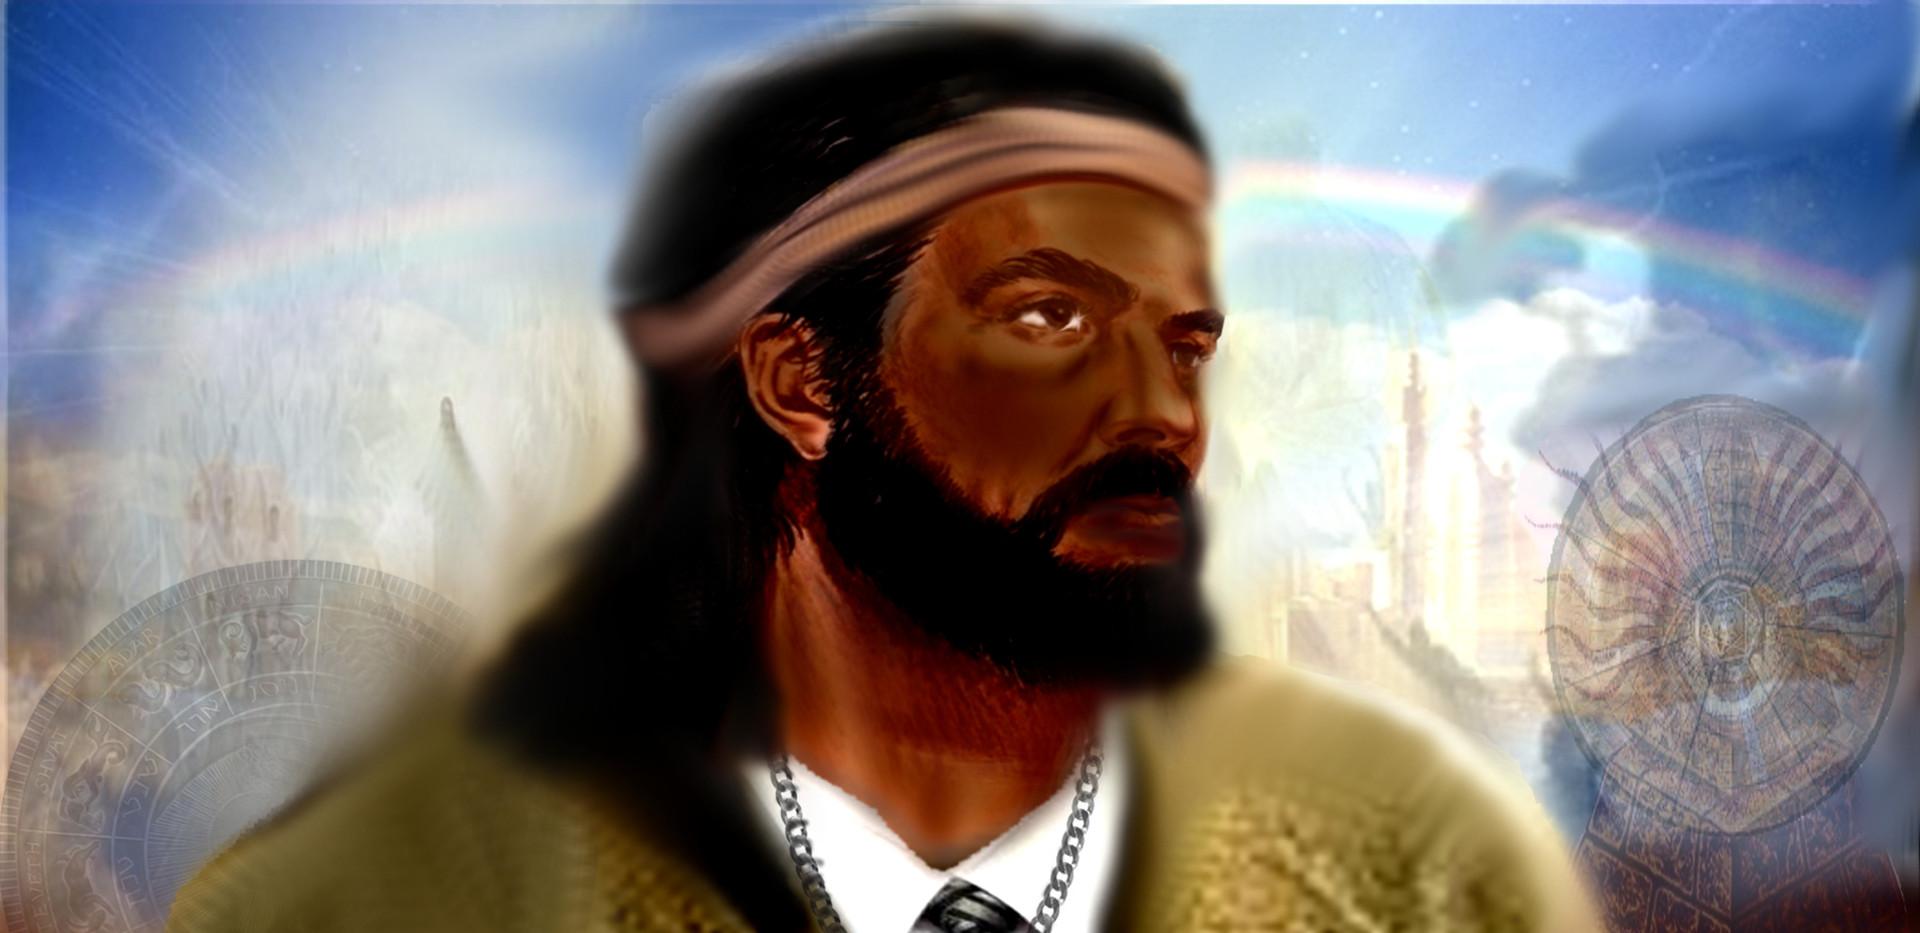 The Prophet Enoch